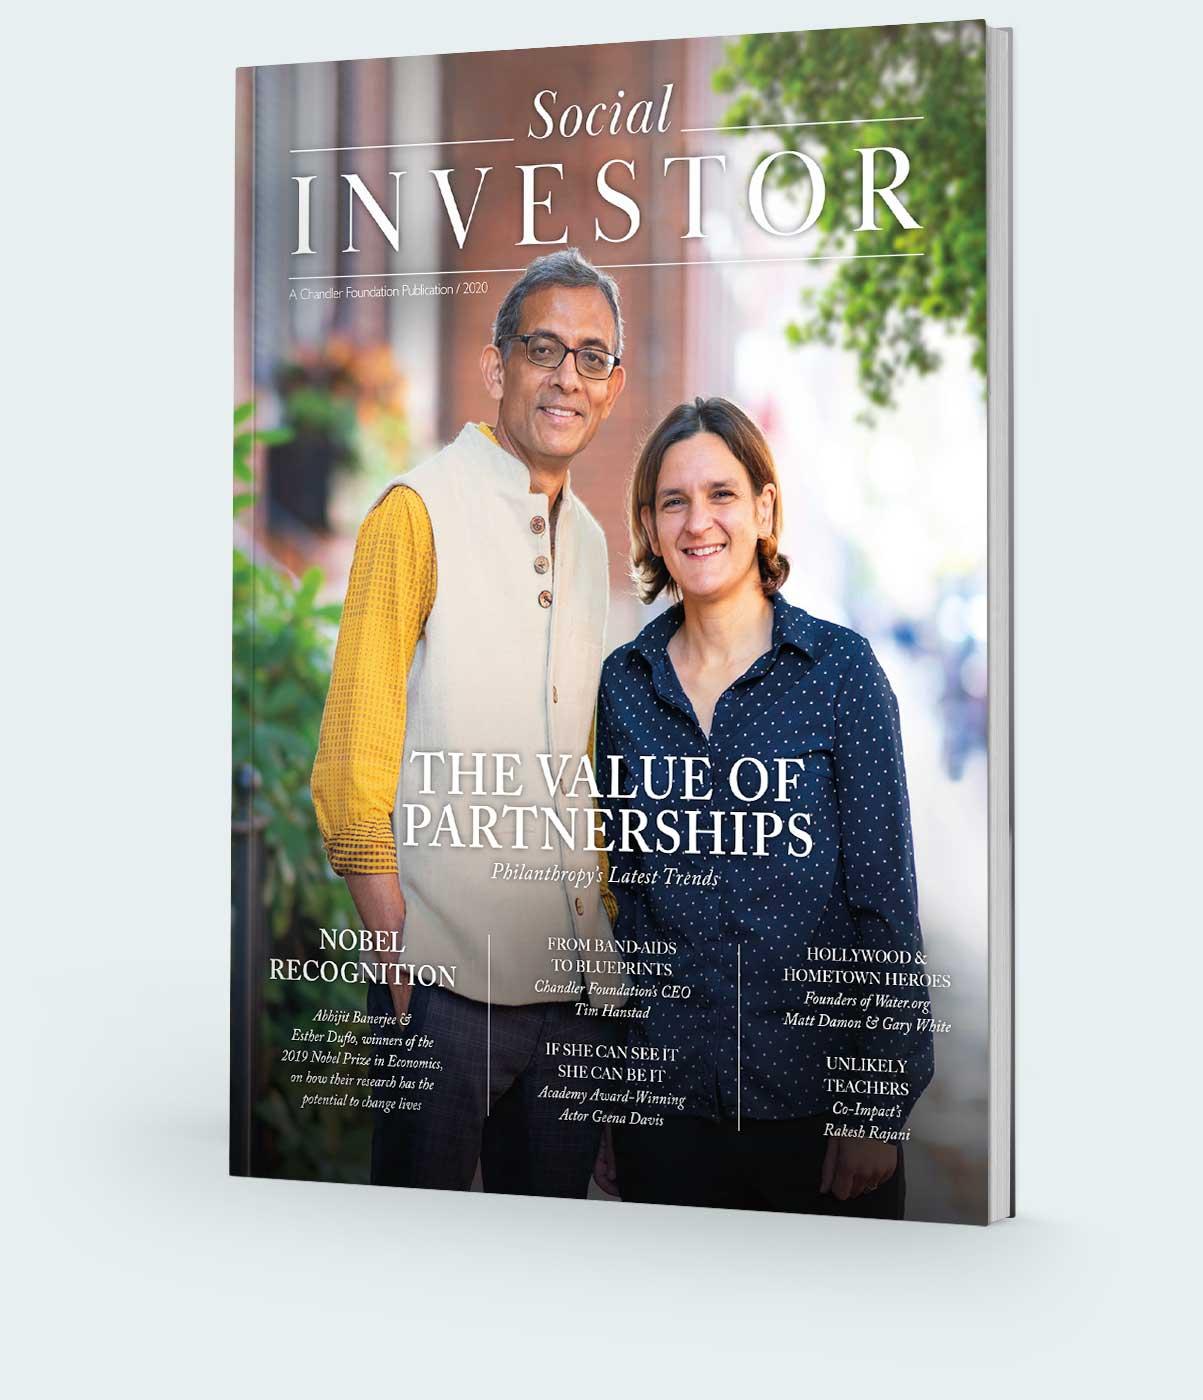 Social Investor 2020 publication